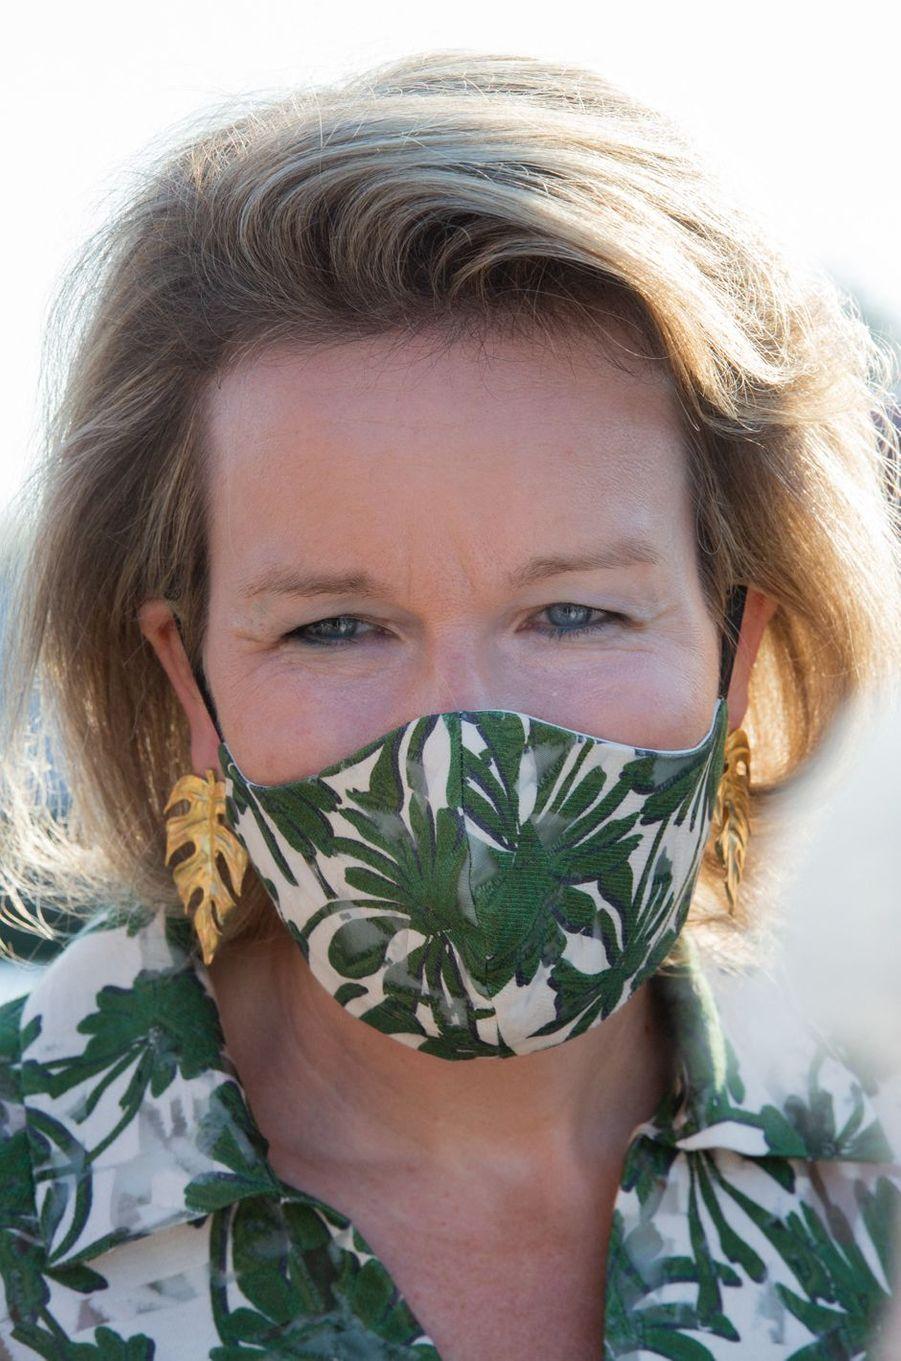 La reine des Belges Mathilde avec son masque et ses boucles d'oreille en forme de feuilles à Lievegem, le 15 septembre 2020